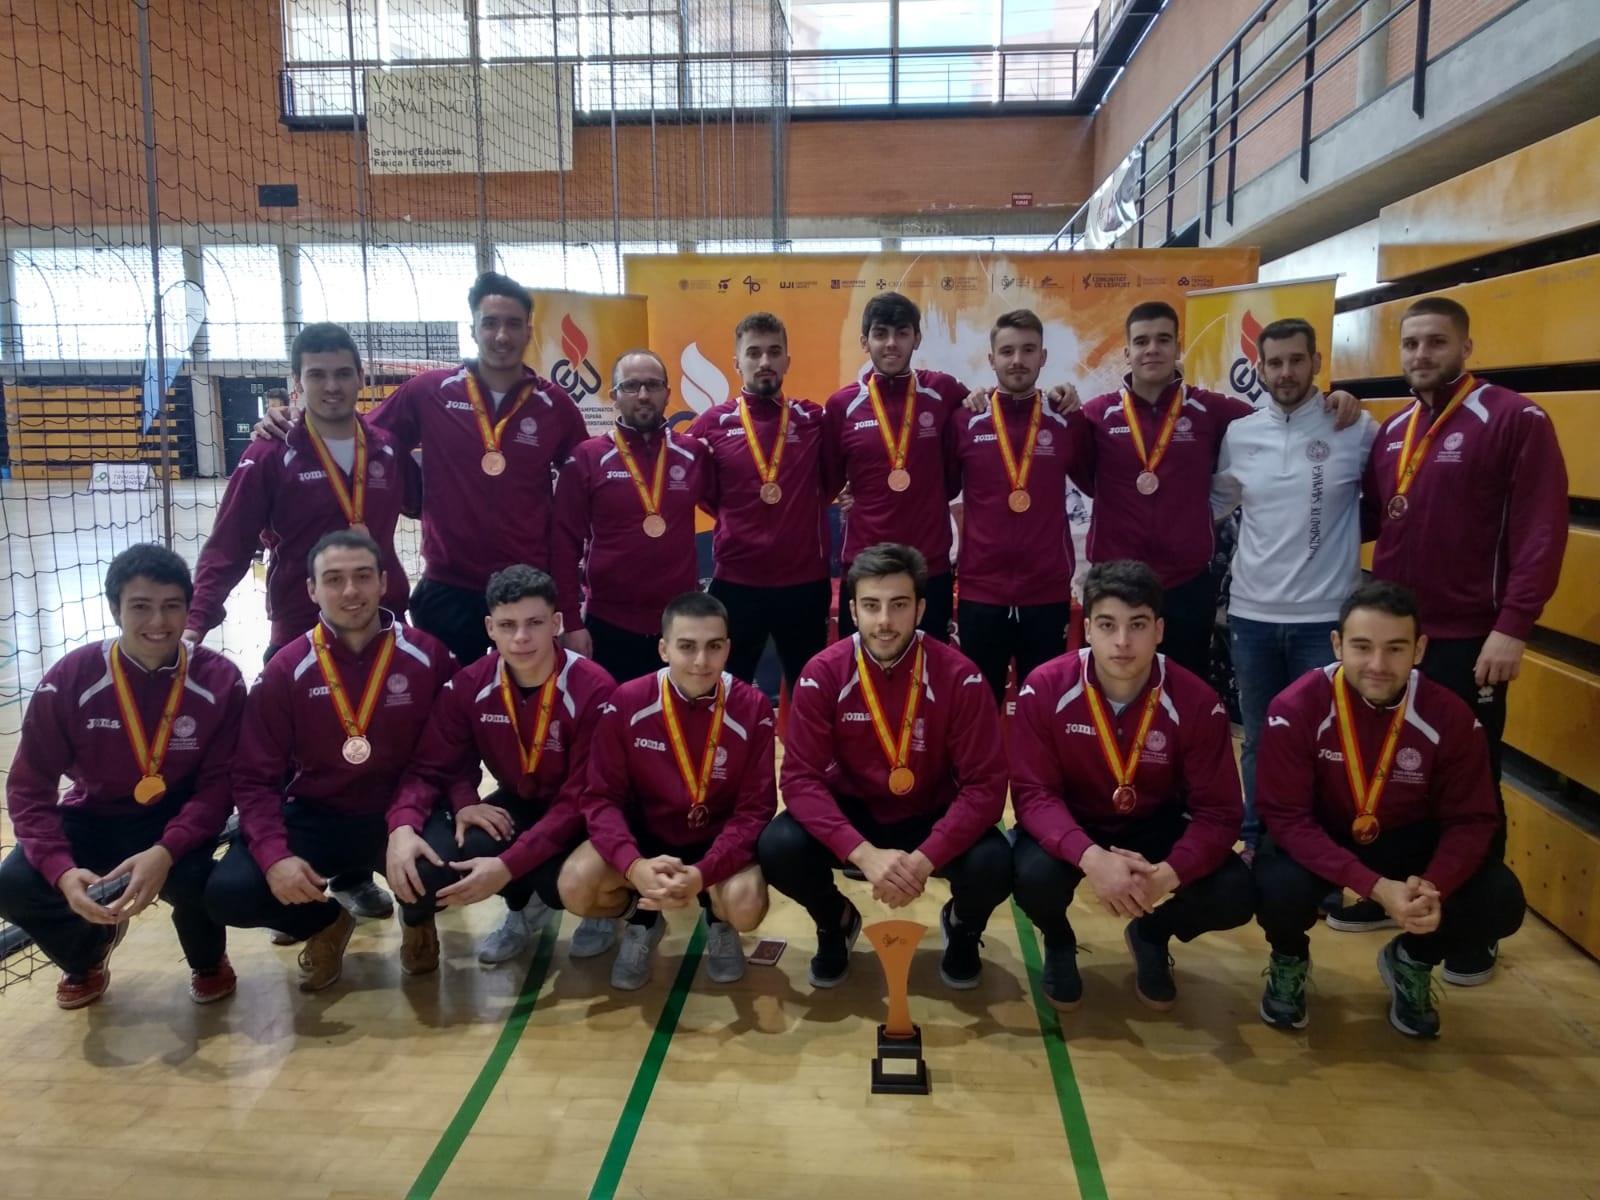 El equipo de balonmano masculino de la Universidad de Salamanca se alza con el bronce en los Campeonatos de España Universitarios